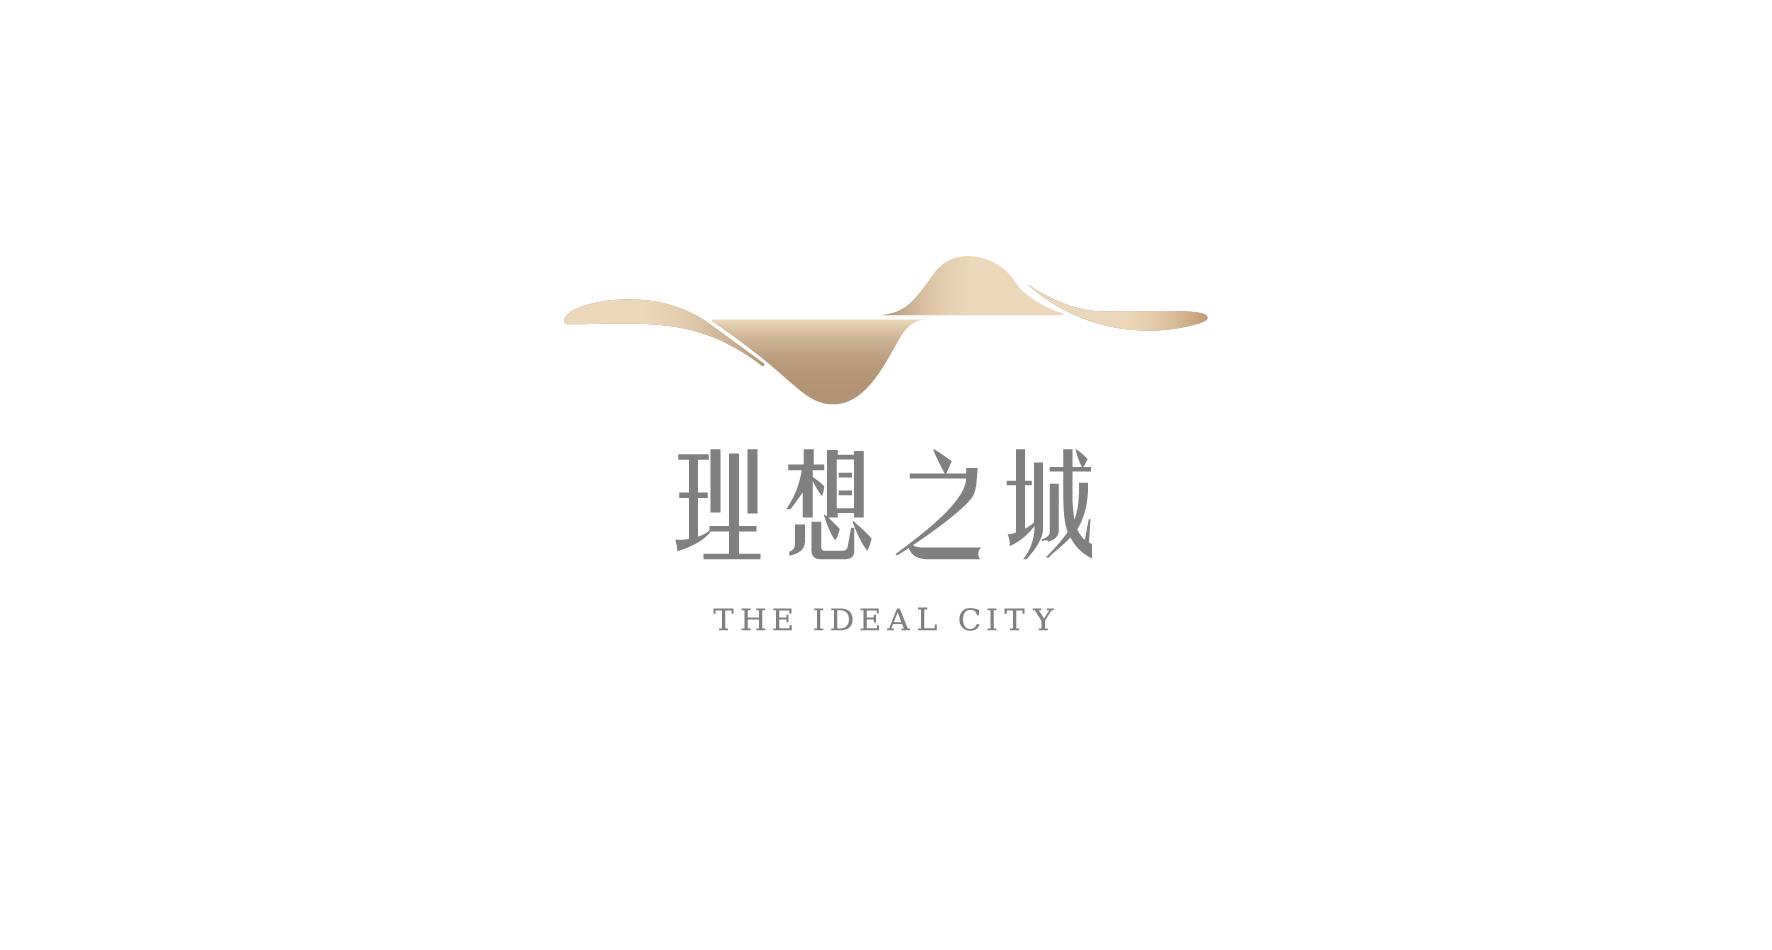 理想之城logo(1)_画板 1.jpg